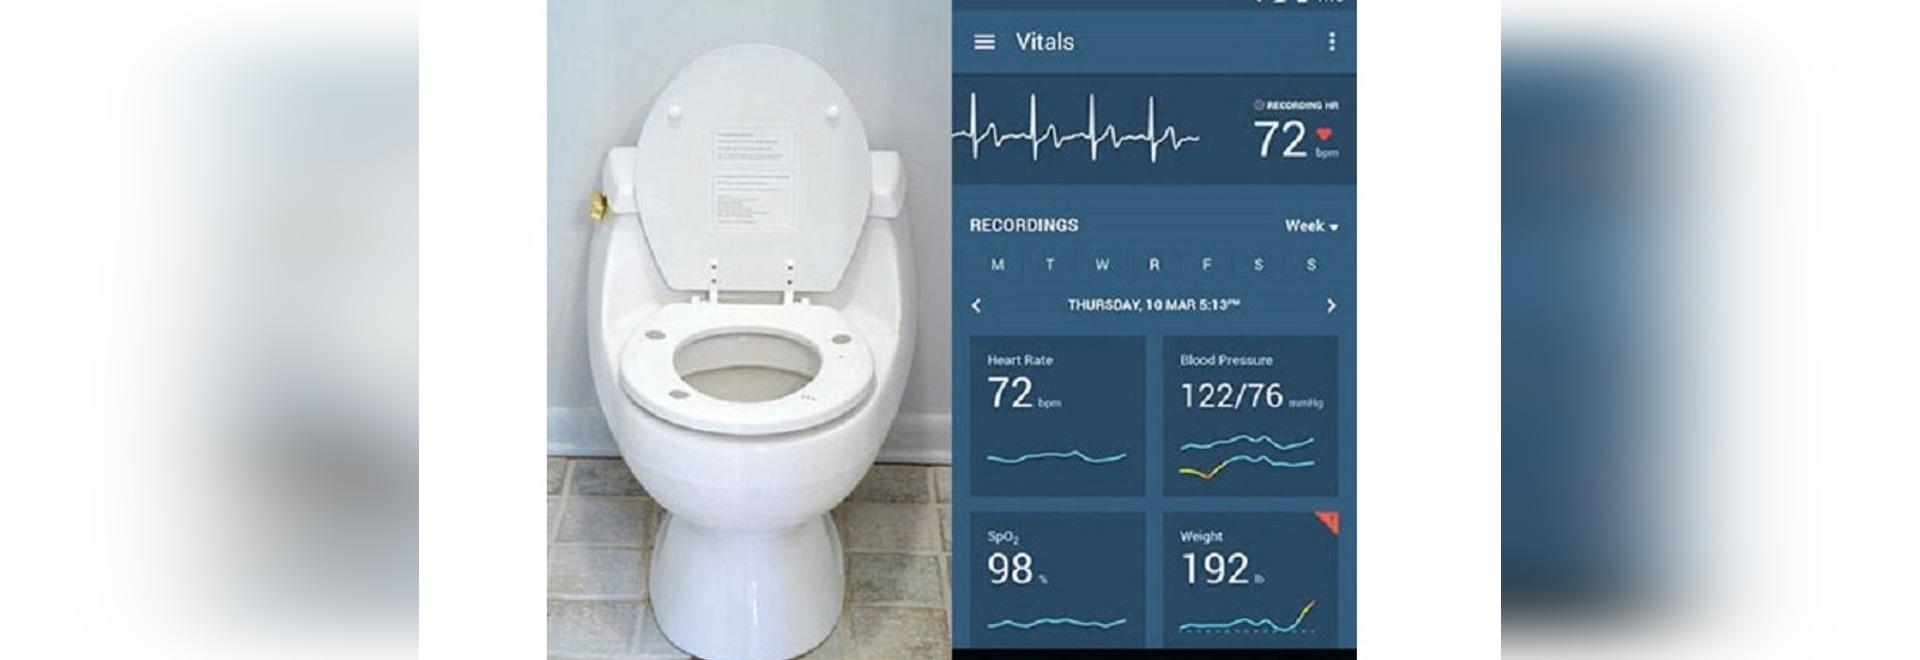 Le siège des toilettes mesure automatiquement le centre serveur des paramètres cardiaques pour surveiller la santé de coeur